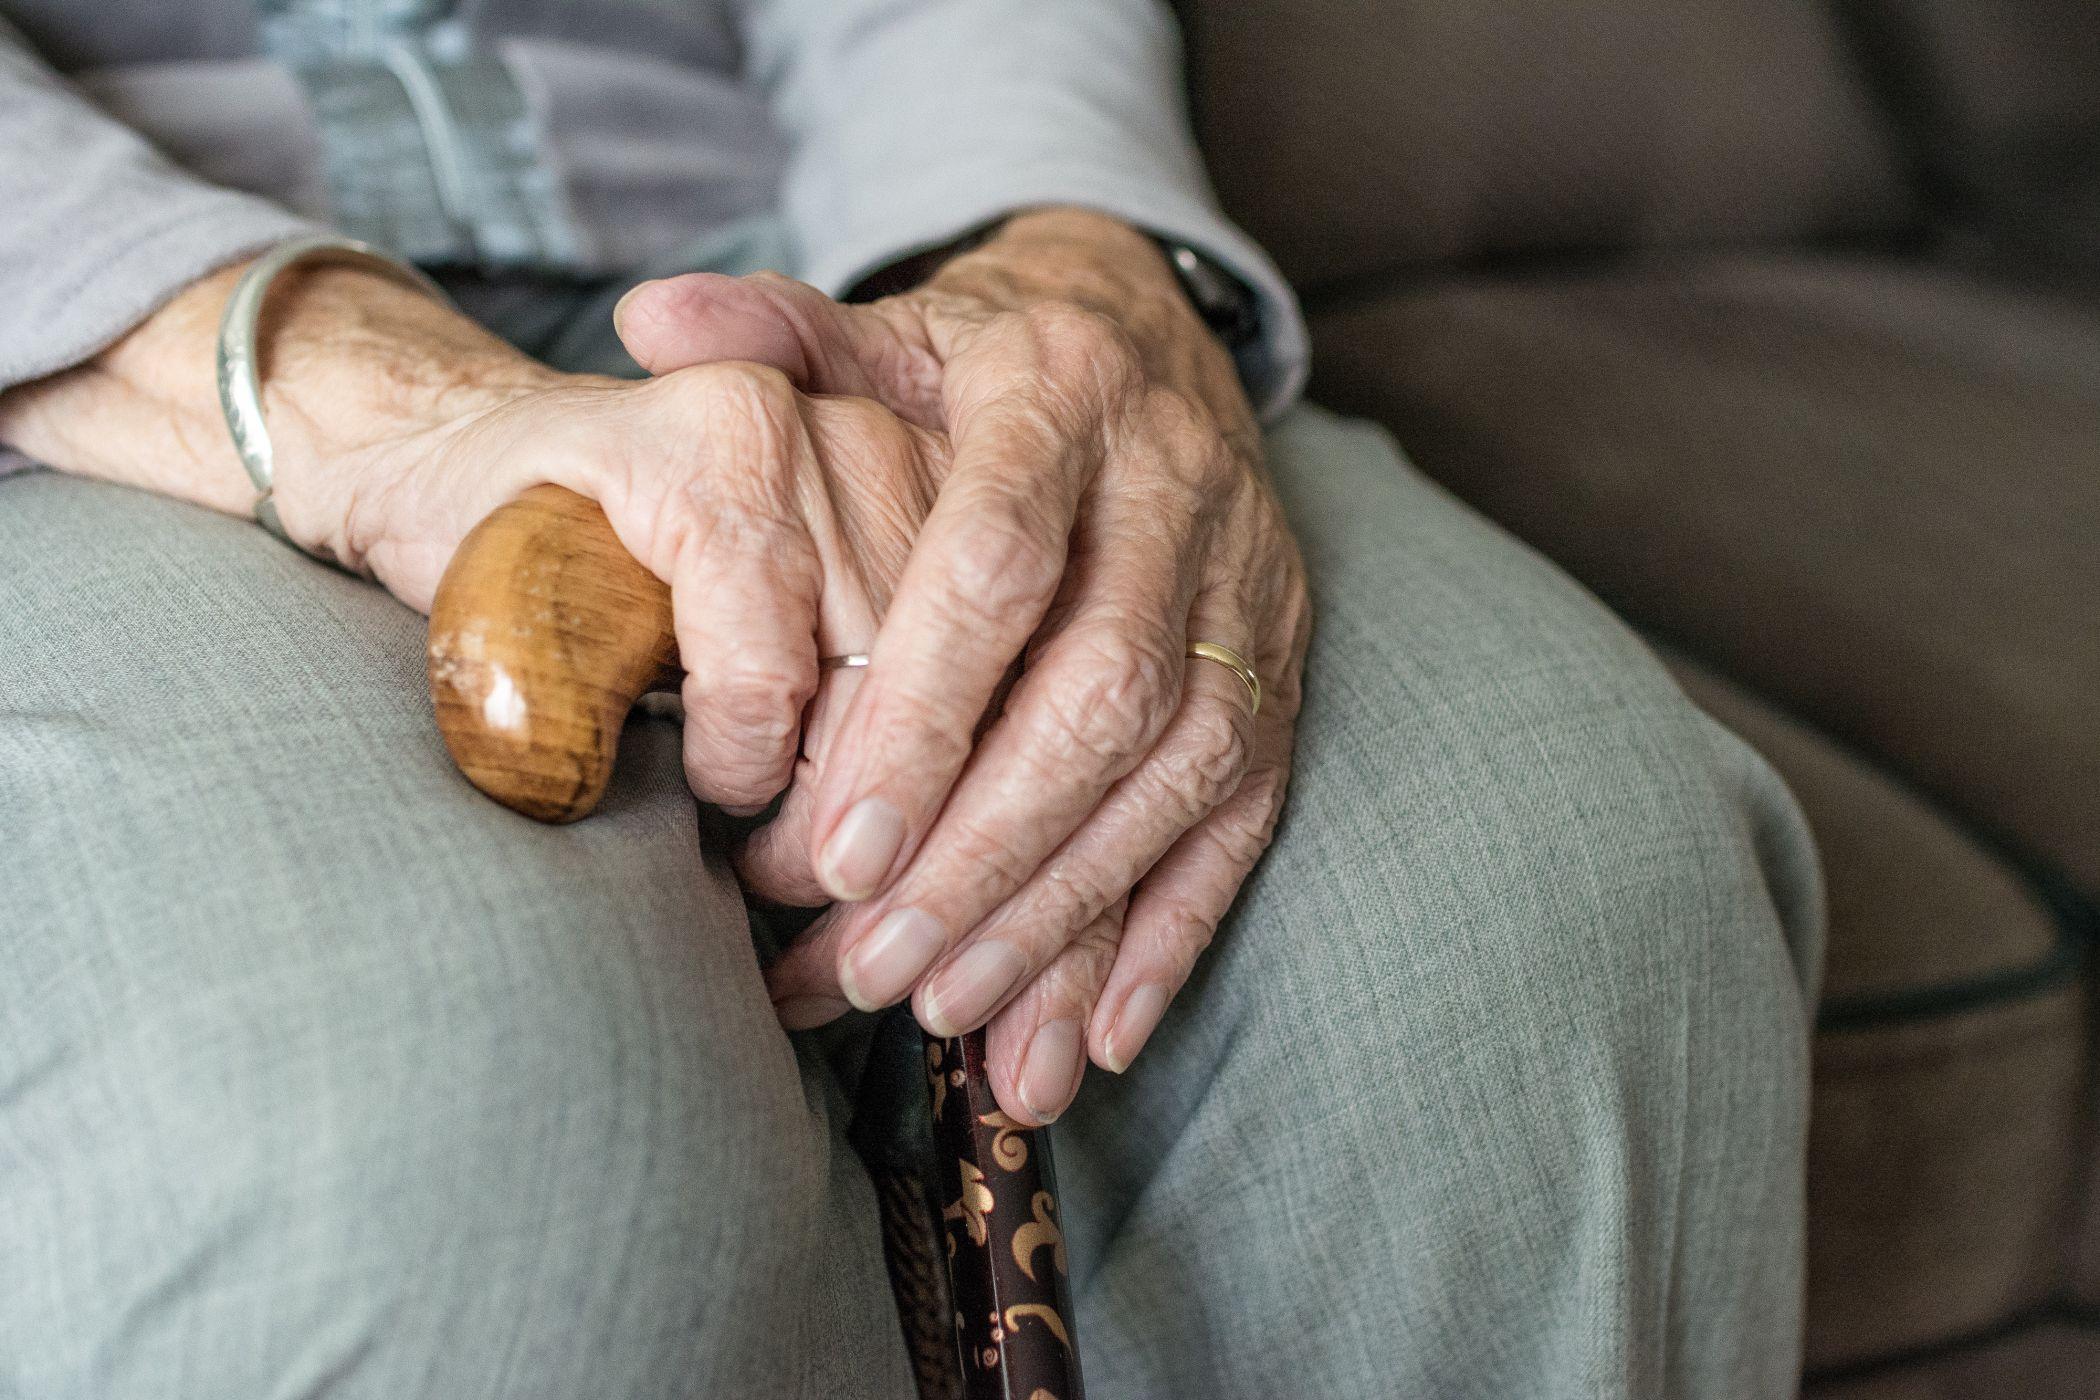 В Тверской области внучка обокрала пенсионерку, которая хранила миллион в стиральной машине